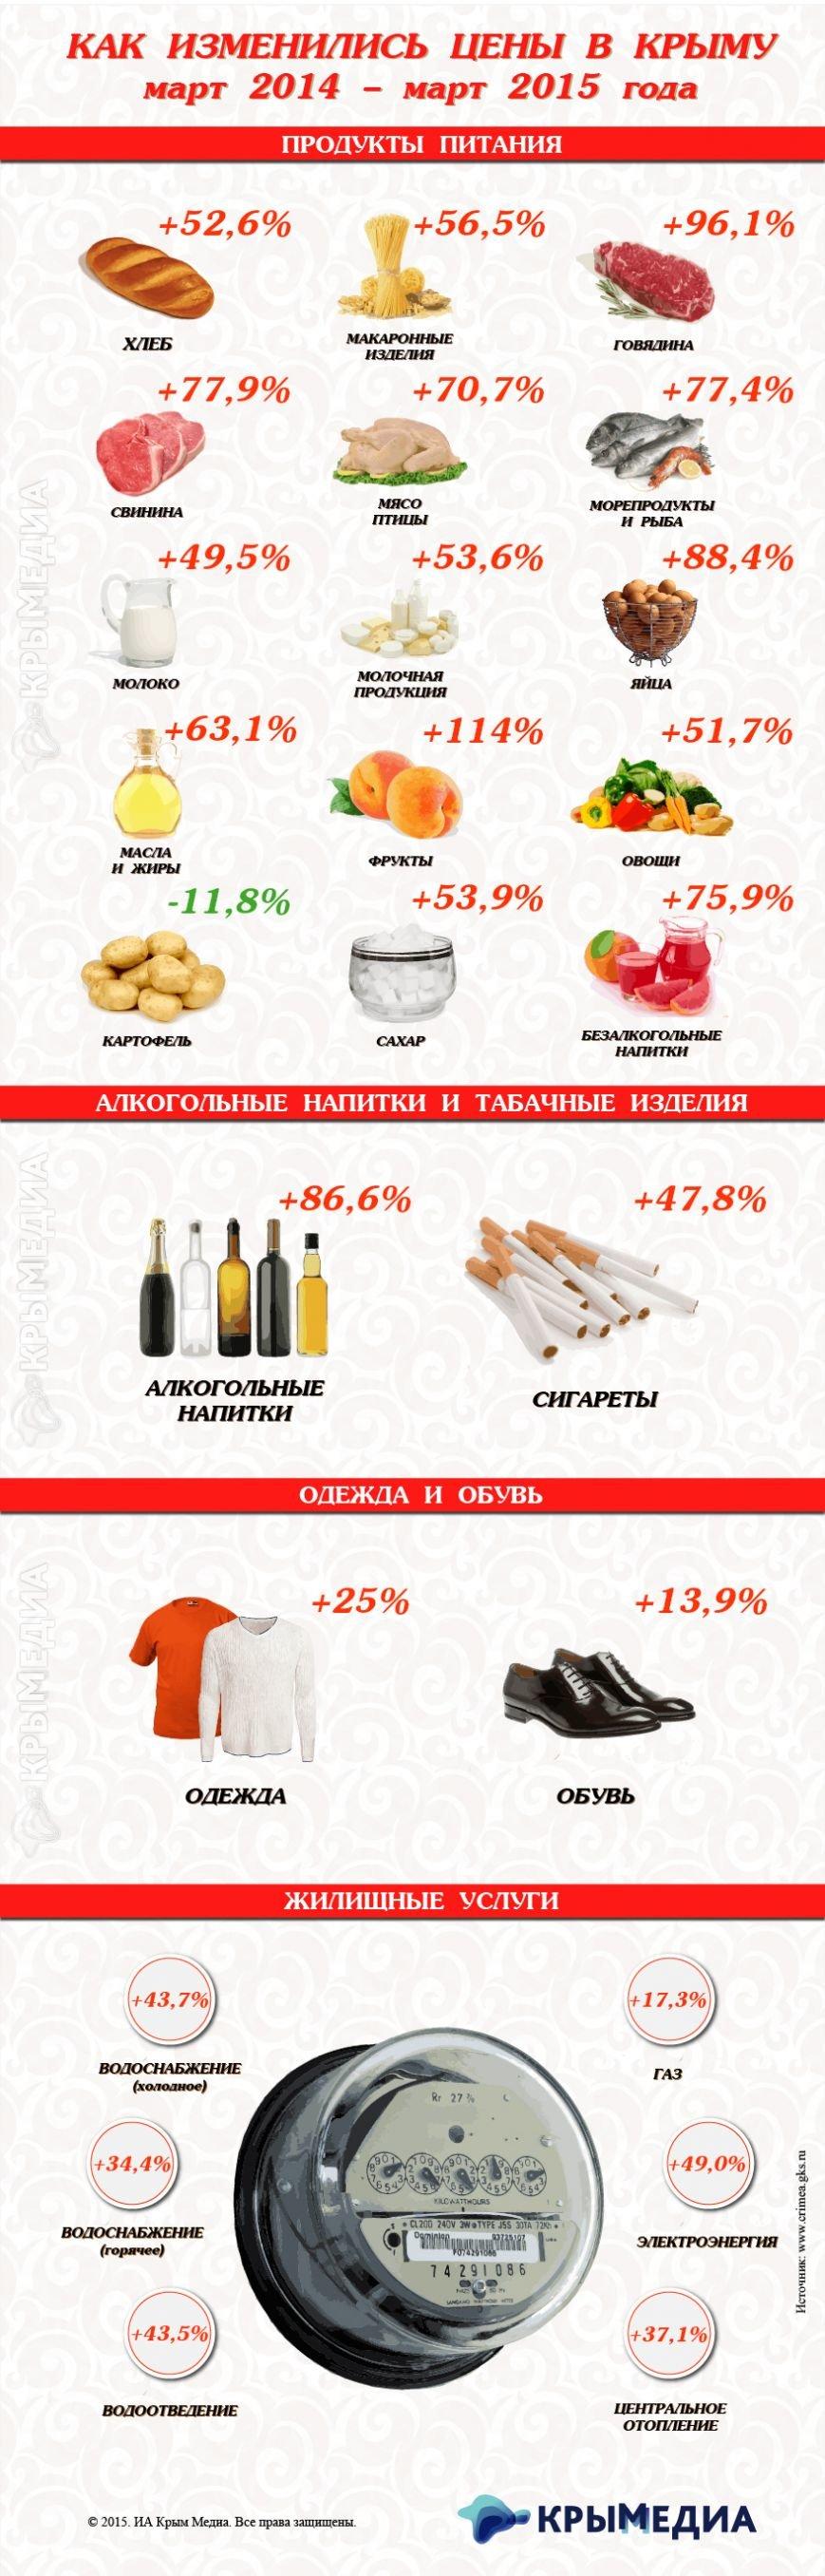 В Крыму цены на продукты растут почти в два раза быстрее российских (фото) - фото 1